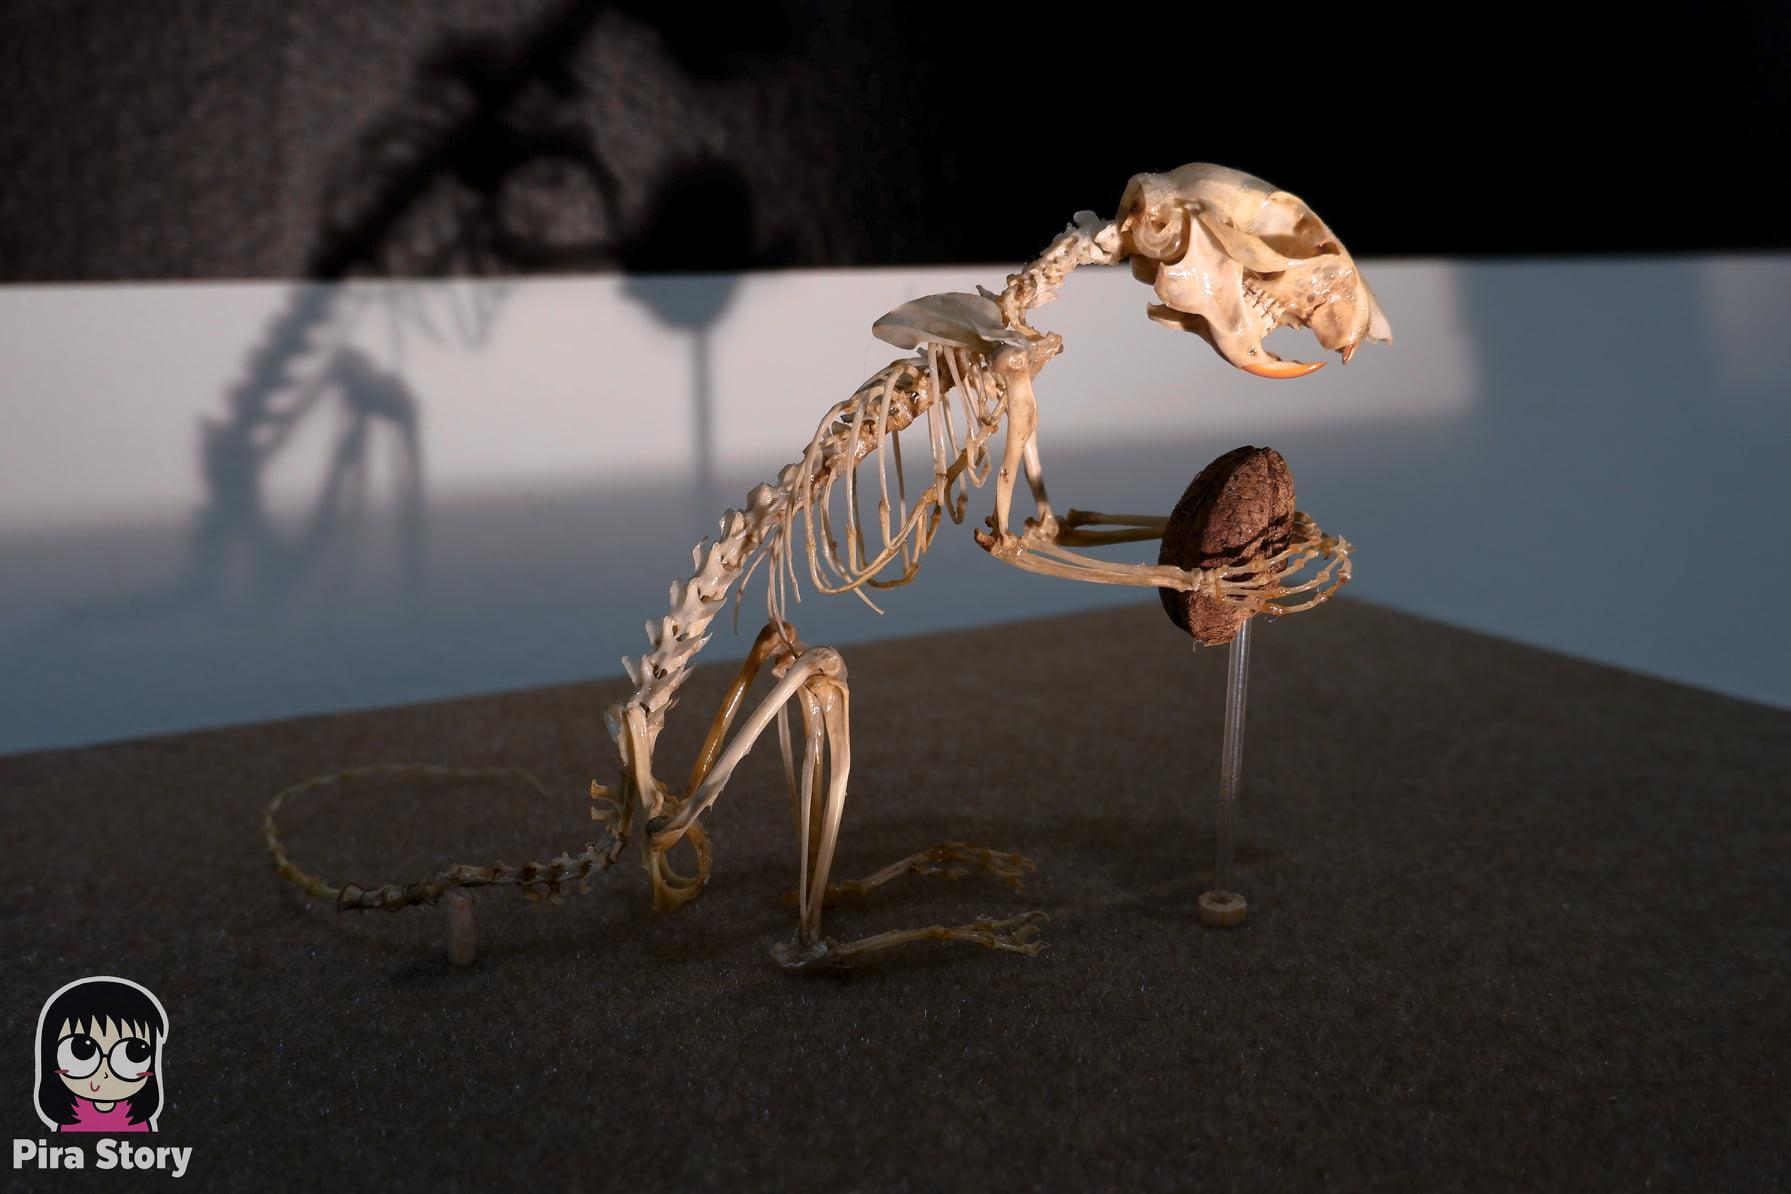 ความลับของโครงกระดูก Skeleton's Secrets ศึกษากายวิภาคสัตว์ ที่พิพิธภัณฑ์ จุฬาลงกรณ์มหาวิทยาลัย คณะวิทยาศาสตร์ ชีววิทยา Night at the museum 2020 เที่ยวพิพิธภัณฑ์ เที่ยวกรุงเทพ สยาม กระดูกสัตว์ กายวิภาคศาสตร์ โครงสร้างร่างกาย โครงสร้างกระดูก สัตว์เลี้ยงลูกด้วยนม สัตว์มีกระดูกสันหลัง กระดูกกระรอก ลูกนัท